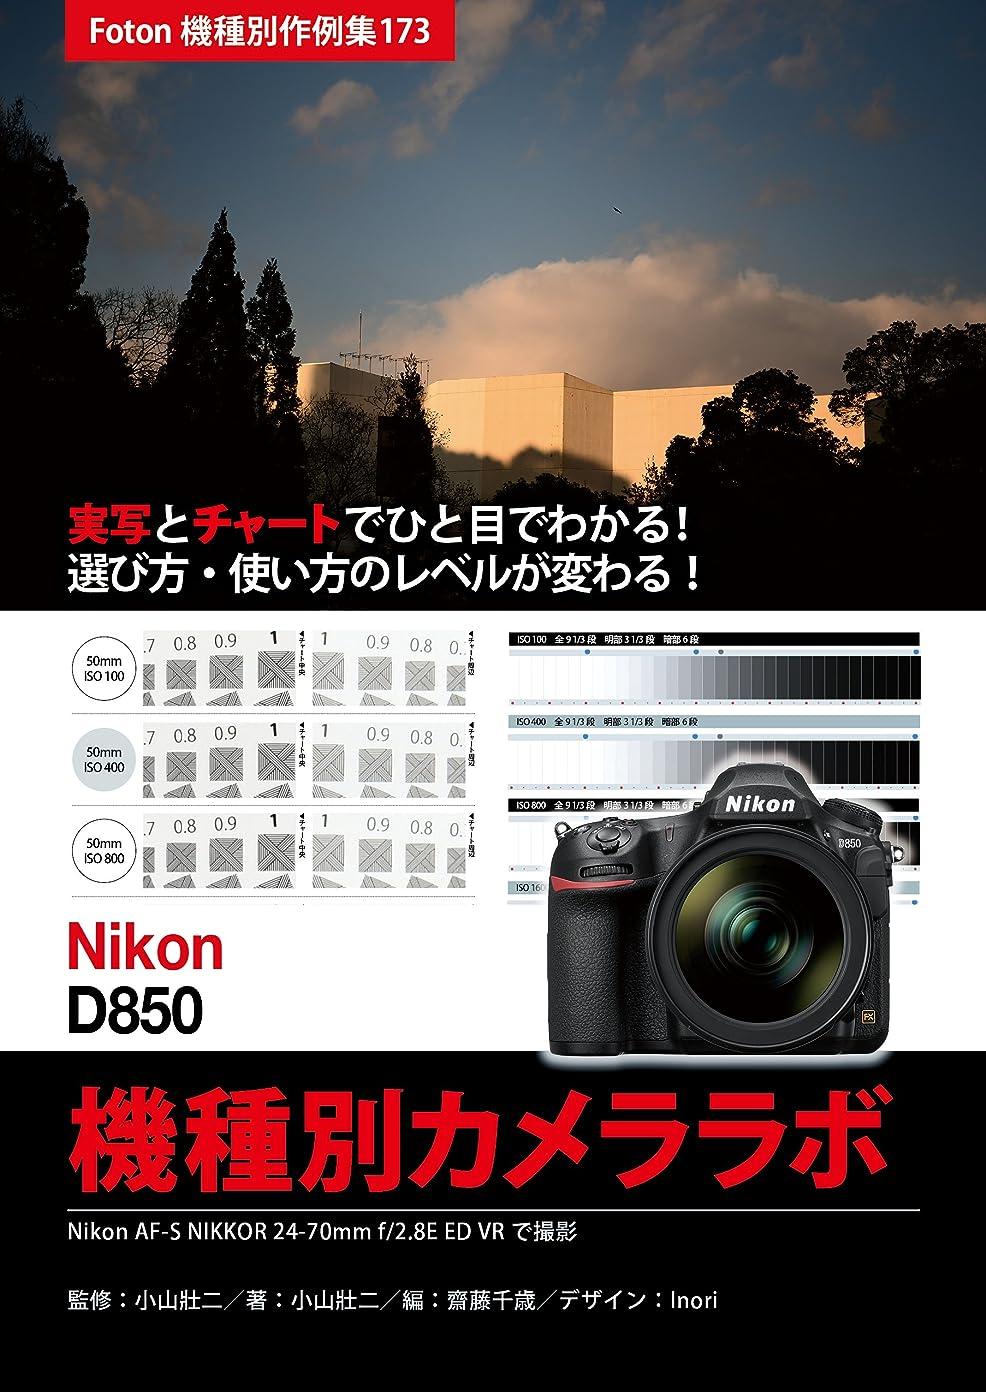 継続中神経衰弱従事するFoton機種別作例集173 実写とチャートでひと目でわかる! 選び方?使い方のレベルが変わる! Nikon D850 機種別カメララボ: Nikon AF-S NIKKOR 24-70mm f/2.8E ED VR で撮影